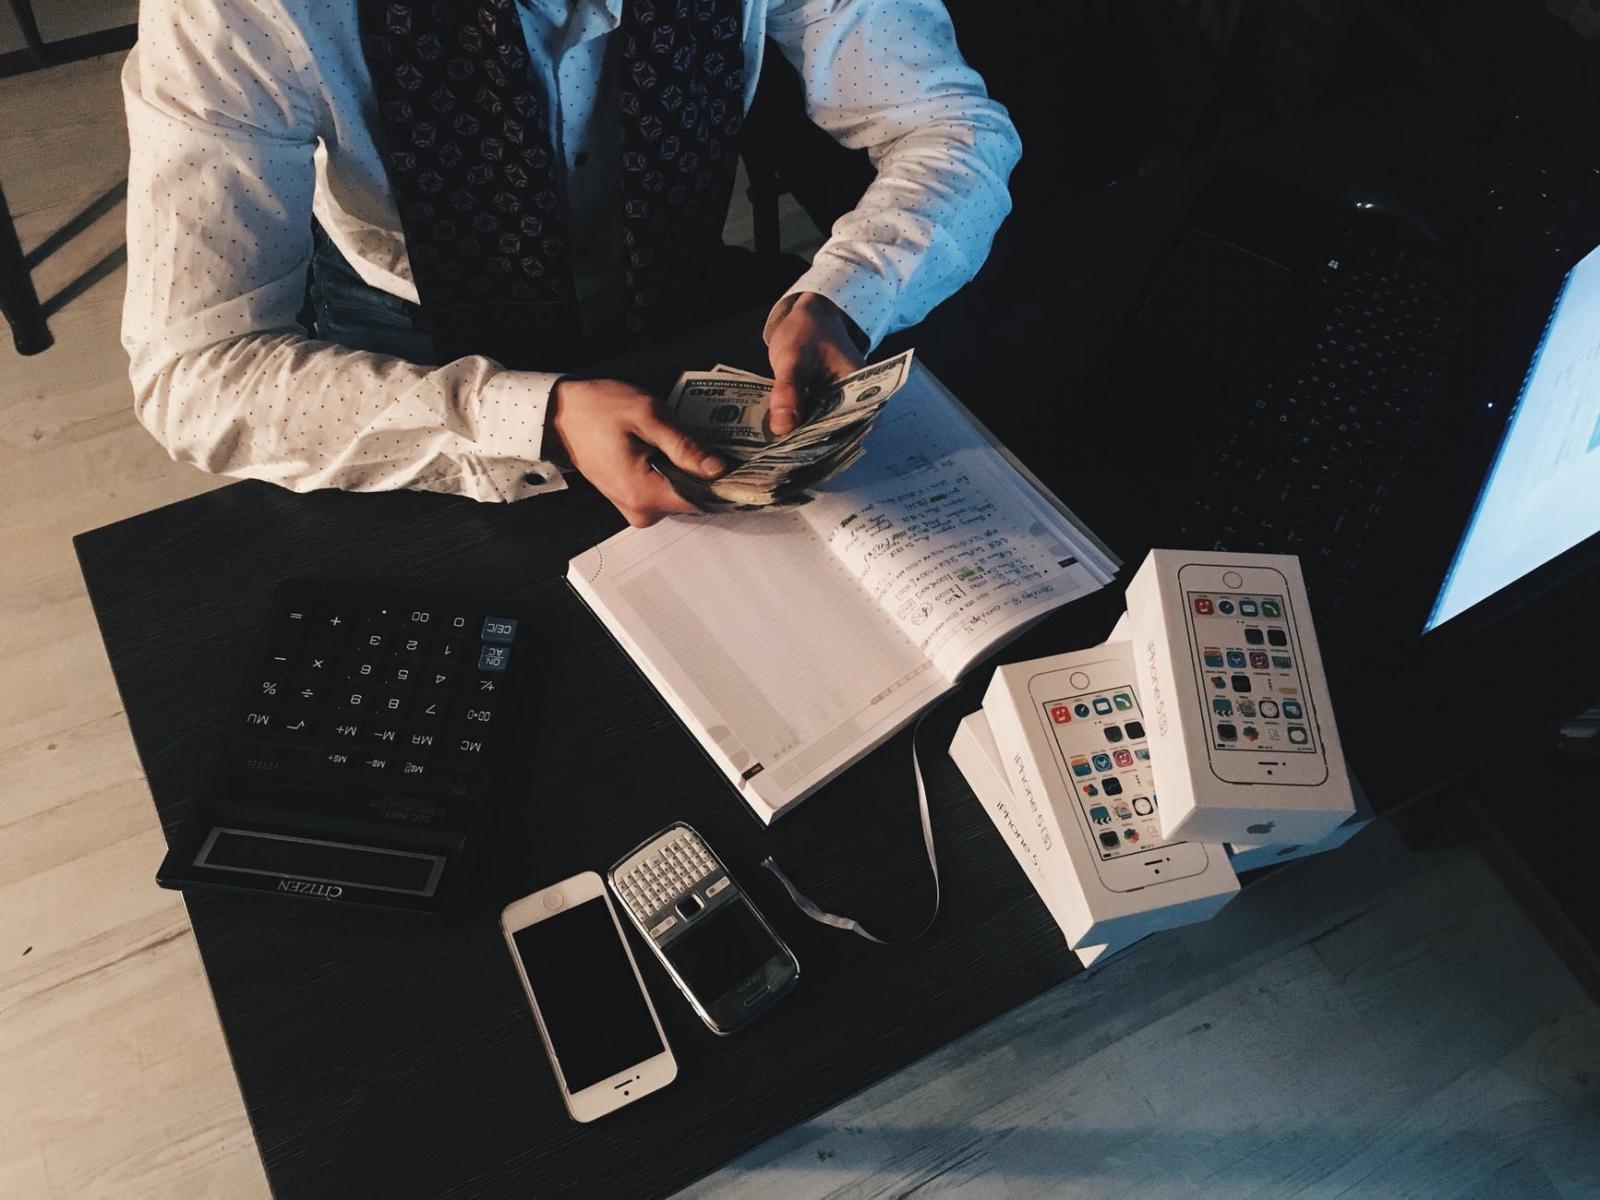 【理財專知】財務規劃該怎做?3步驟讓你脫離月光族